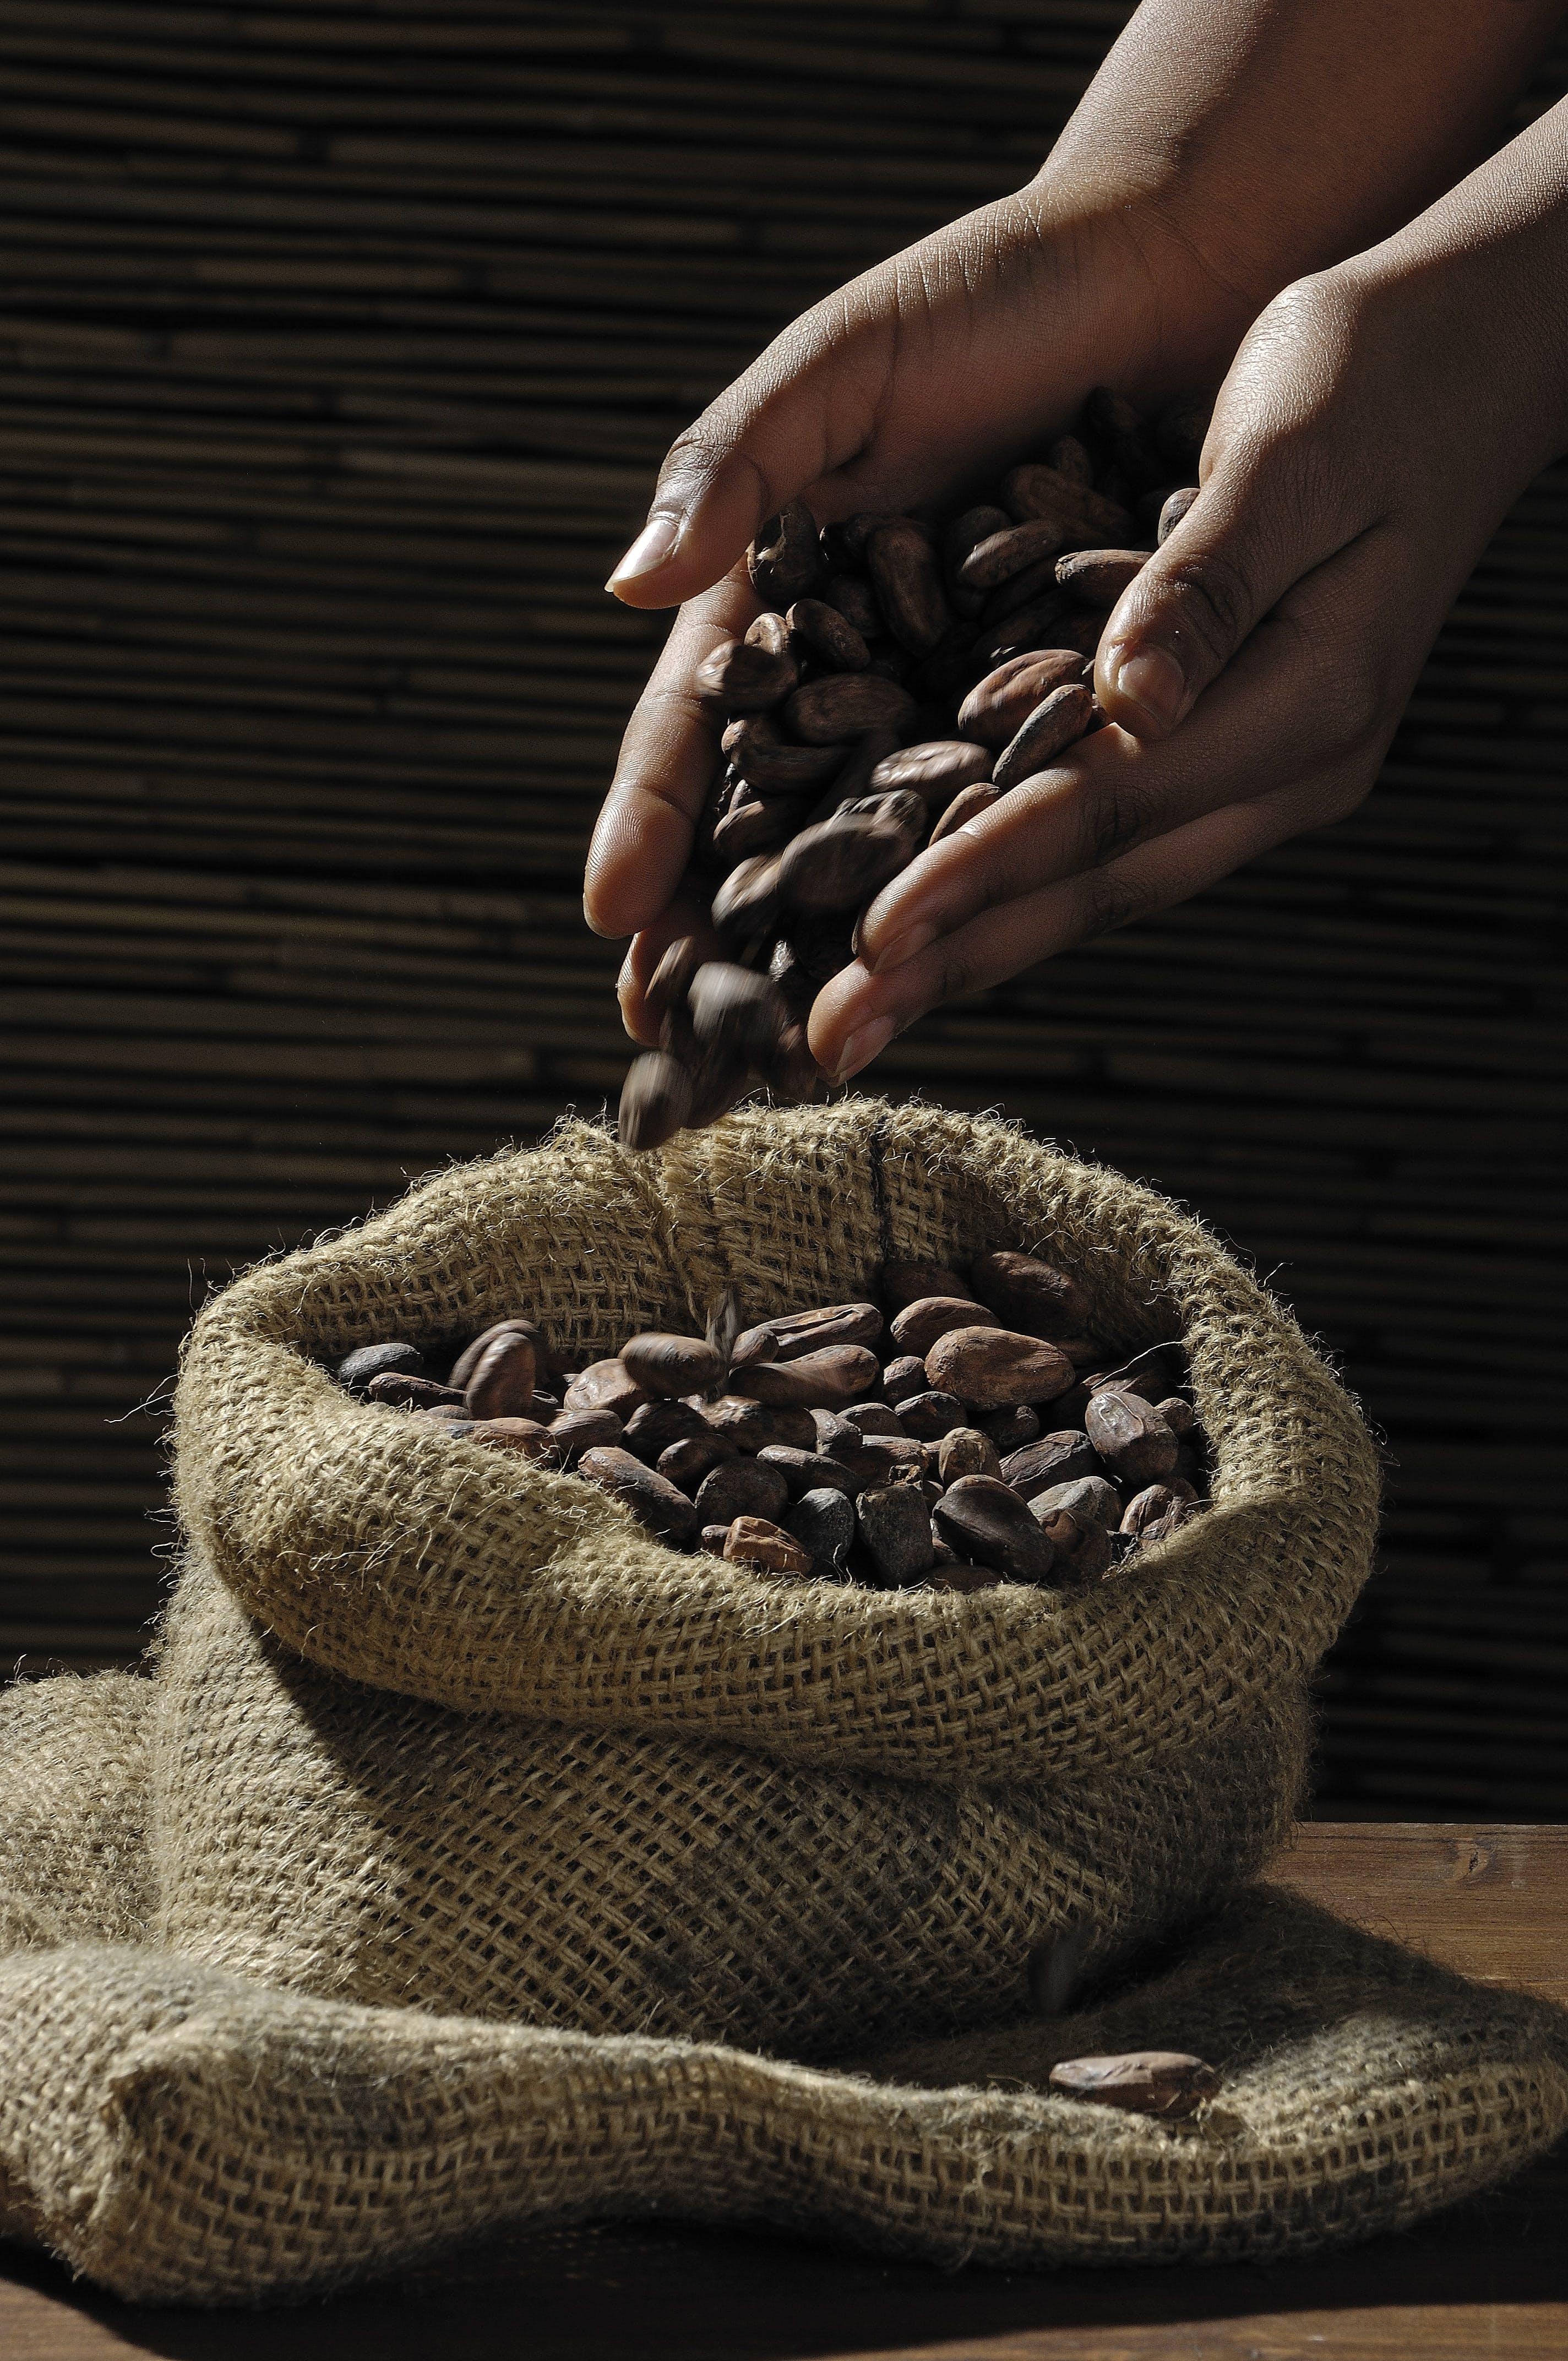 Kostenloses Stock Foto zu hände, kaffee, kaffeebohnen, koffein